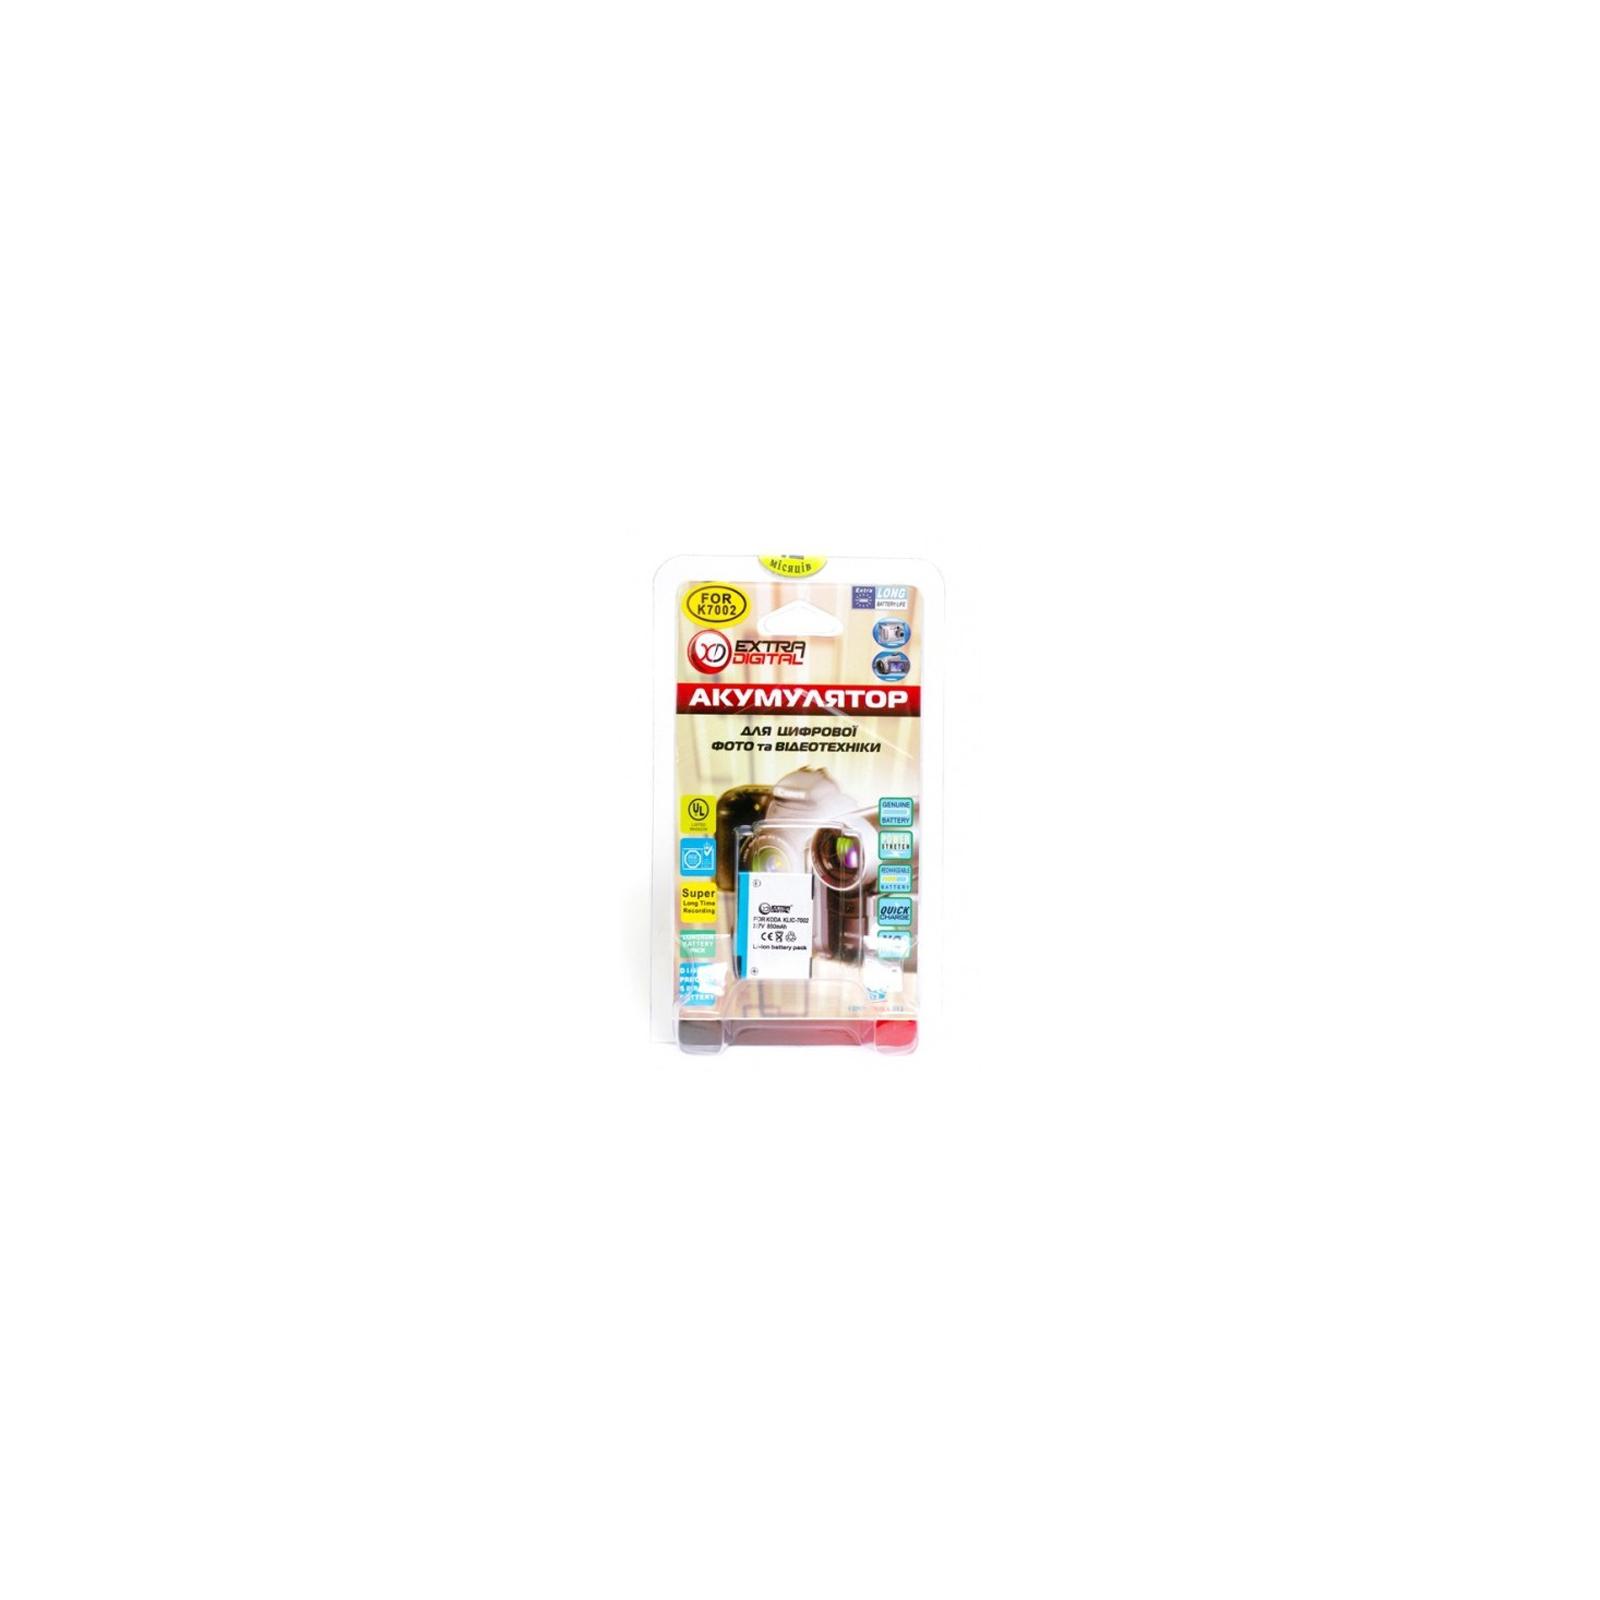 Аккумулятор к фото/видео EXTRADIGITAL Kodak KLIC-7002 (DV00DV1154) изображение 3